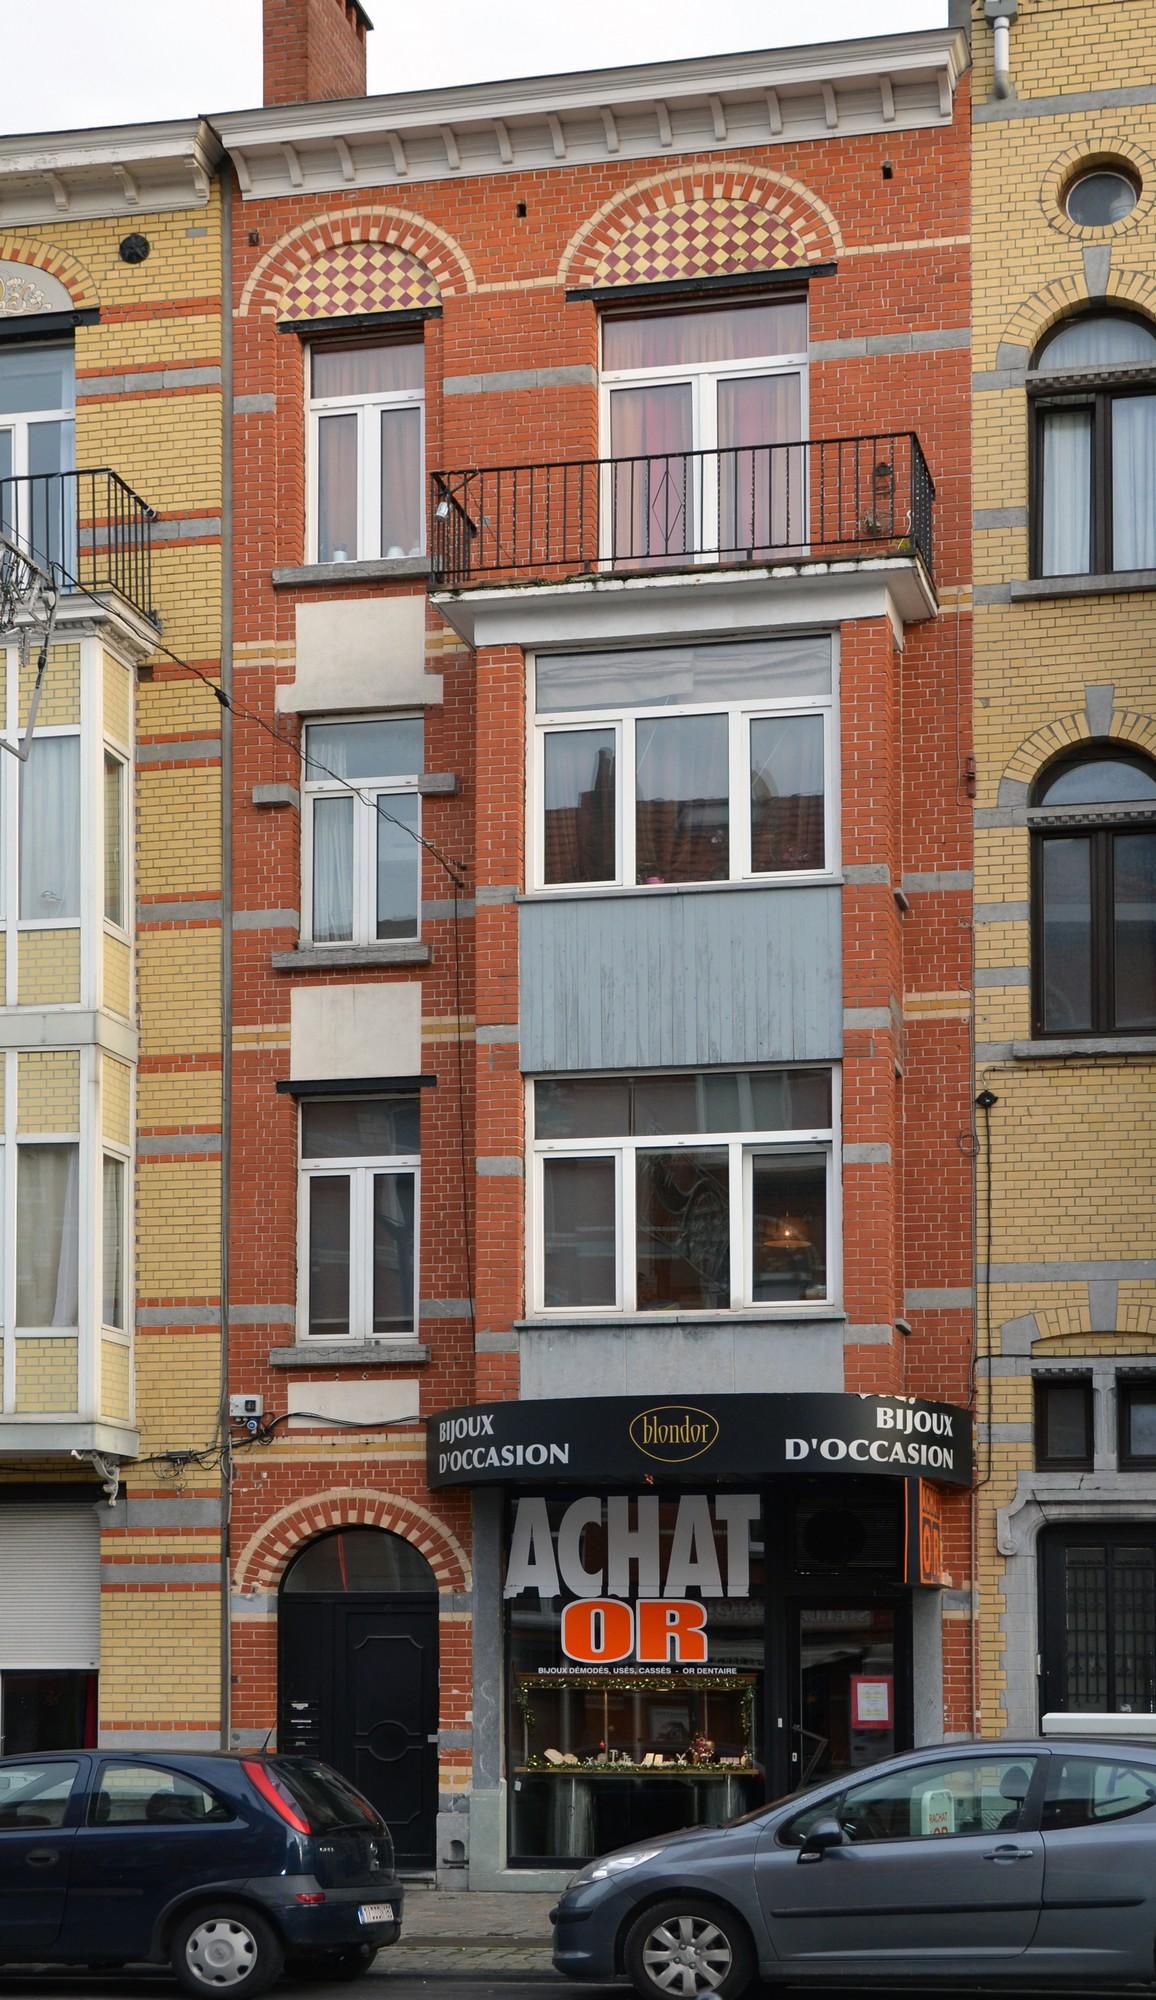 Avenue Chazal 17 Schaerbeek